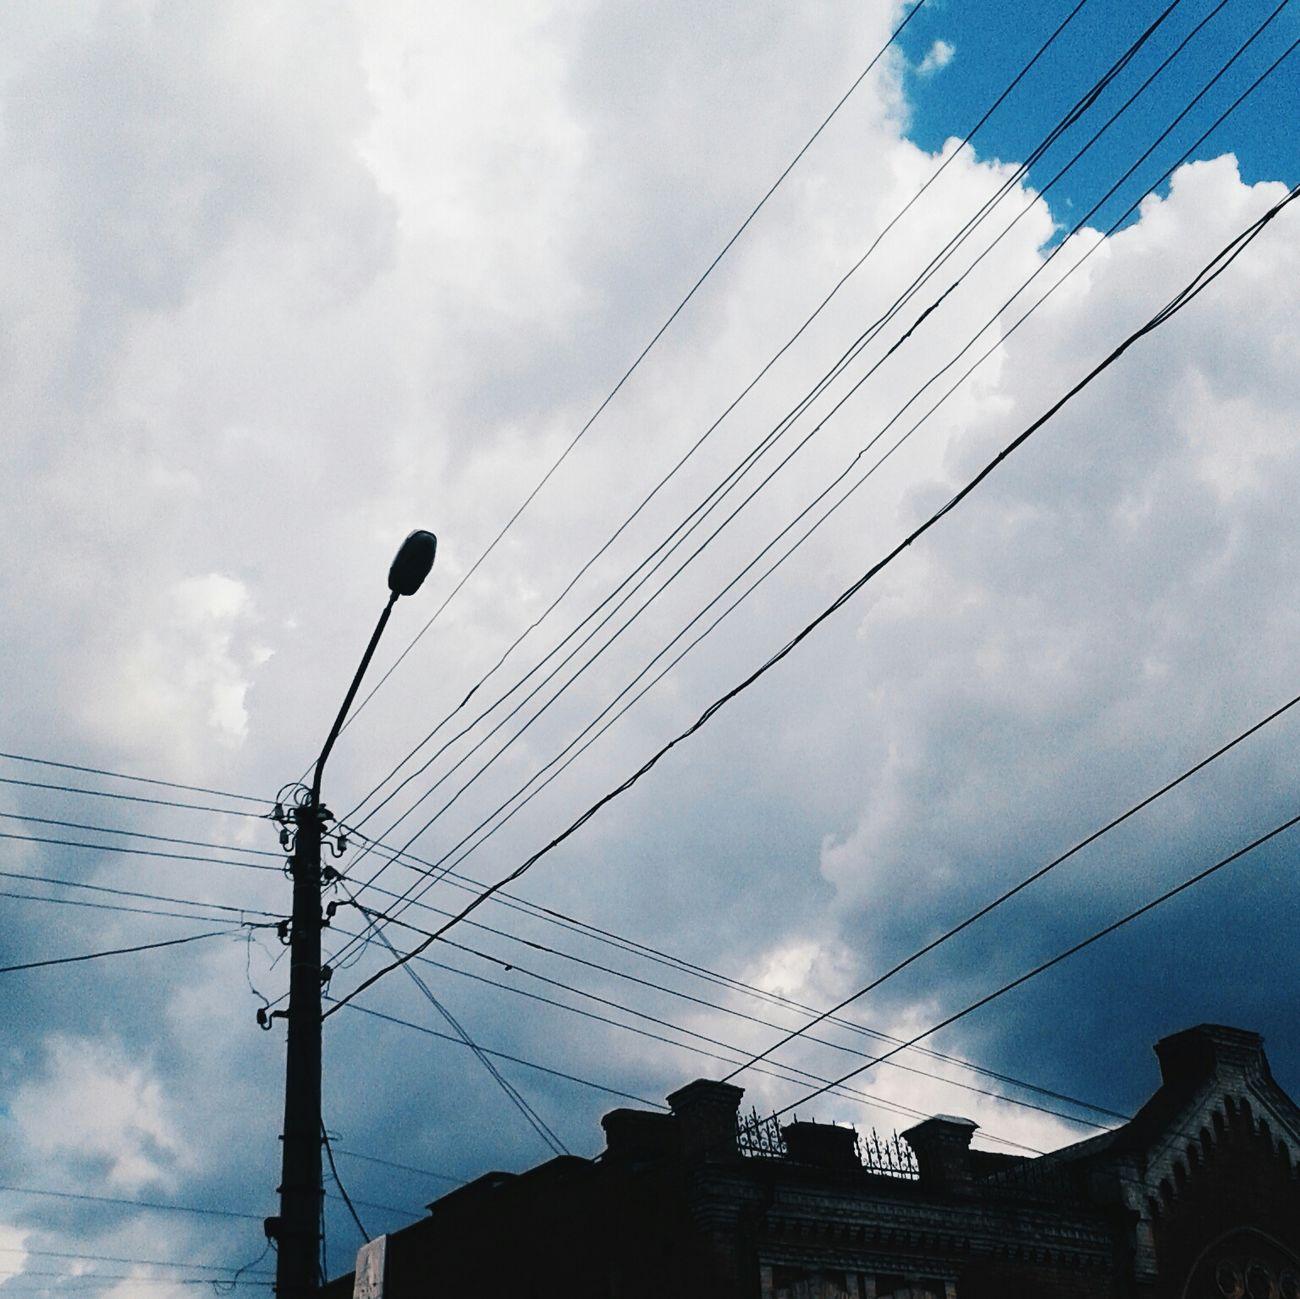 небо тучи небо⛅️ провода фонарь ♡ дужегарно